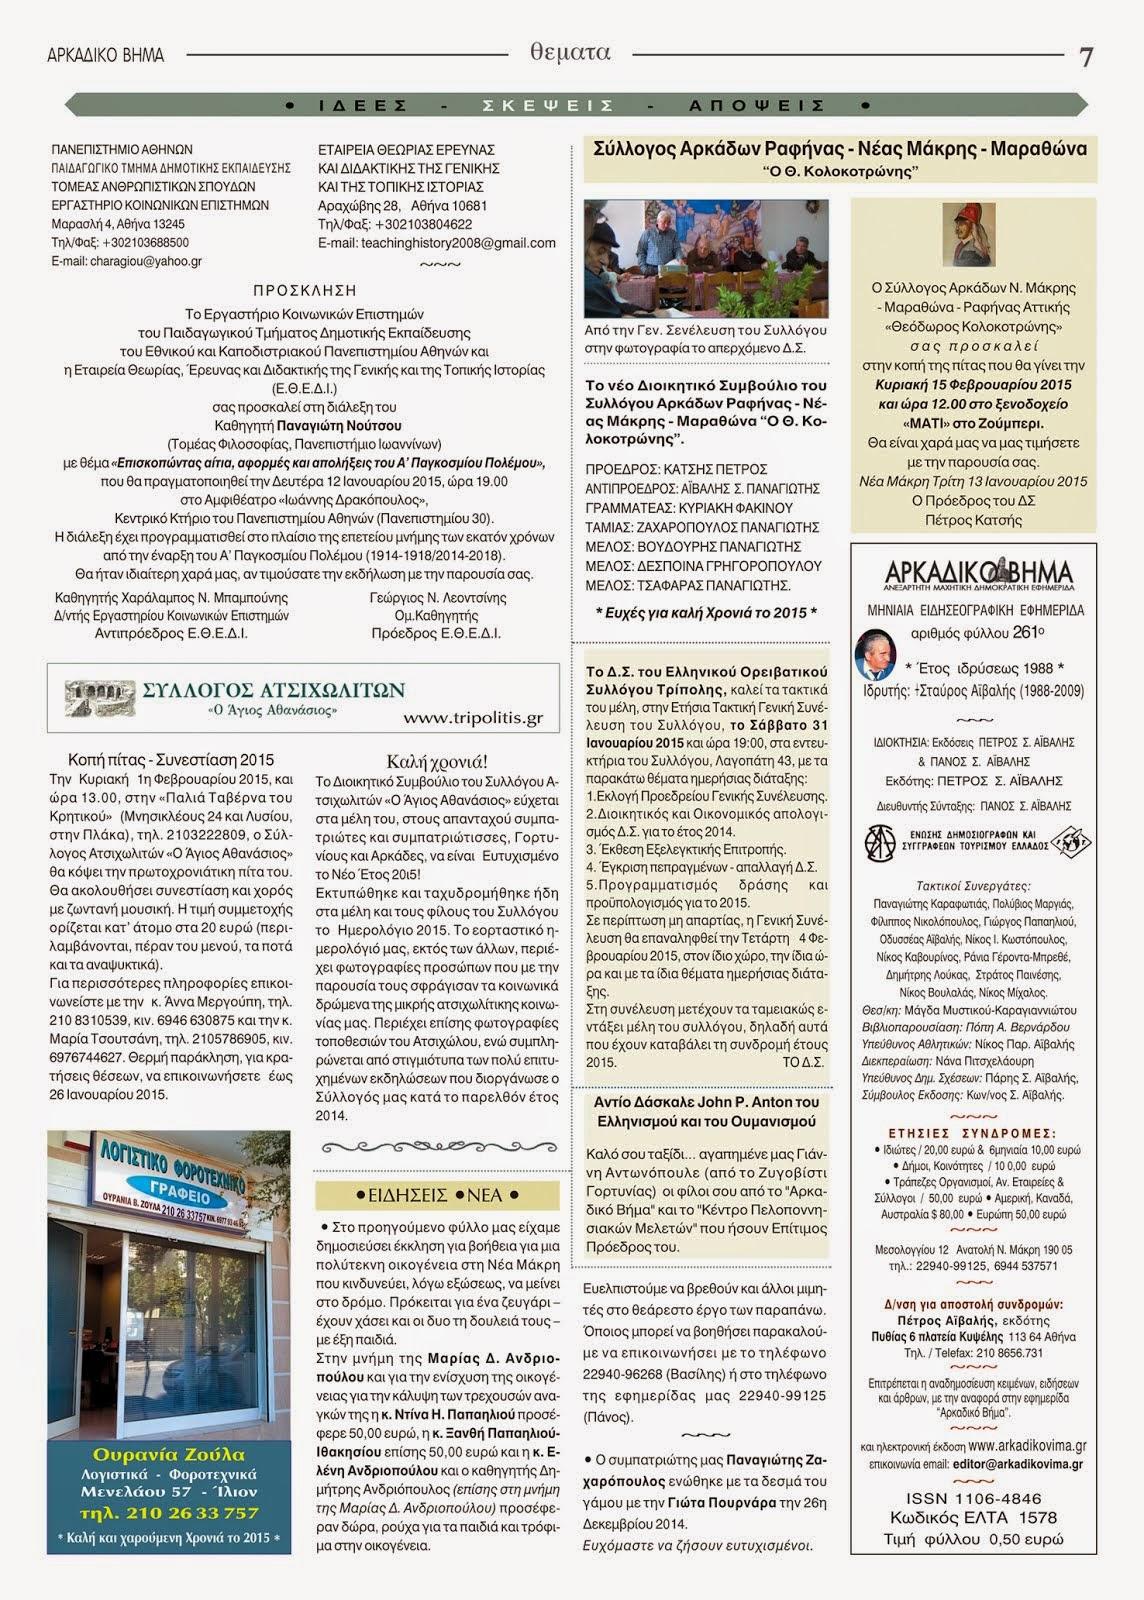 Με ειδήσεις από τον Σύλλογο Αρκάδων Ραφήνας, Νέας Μάκρης, Μαραθώνα